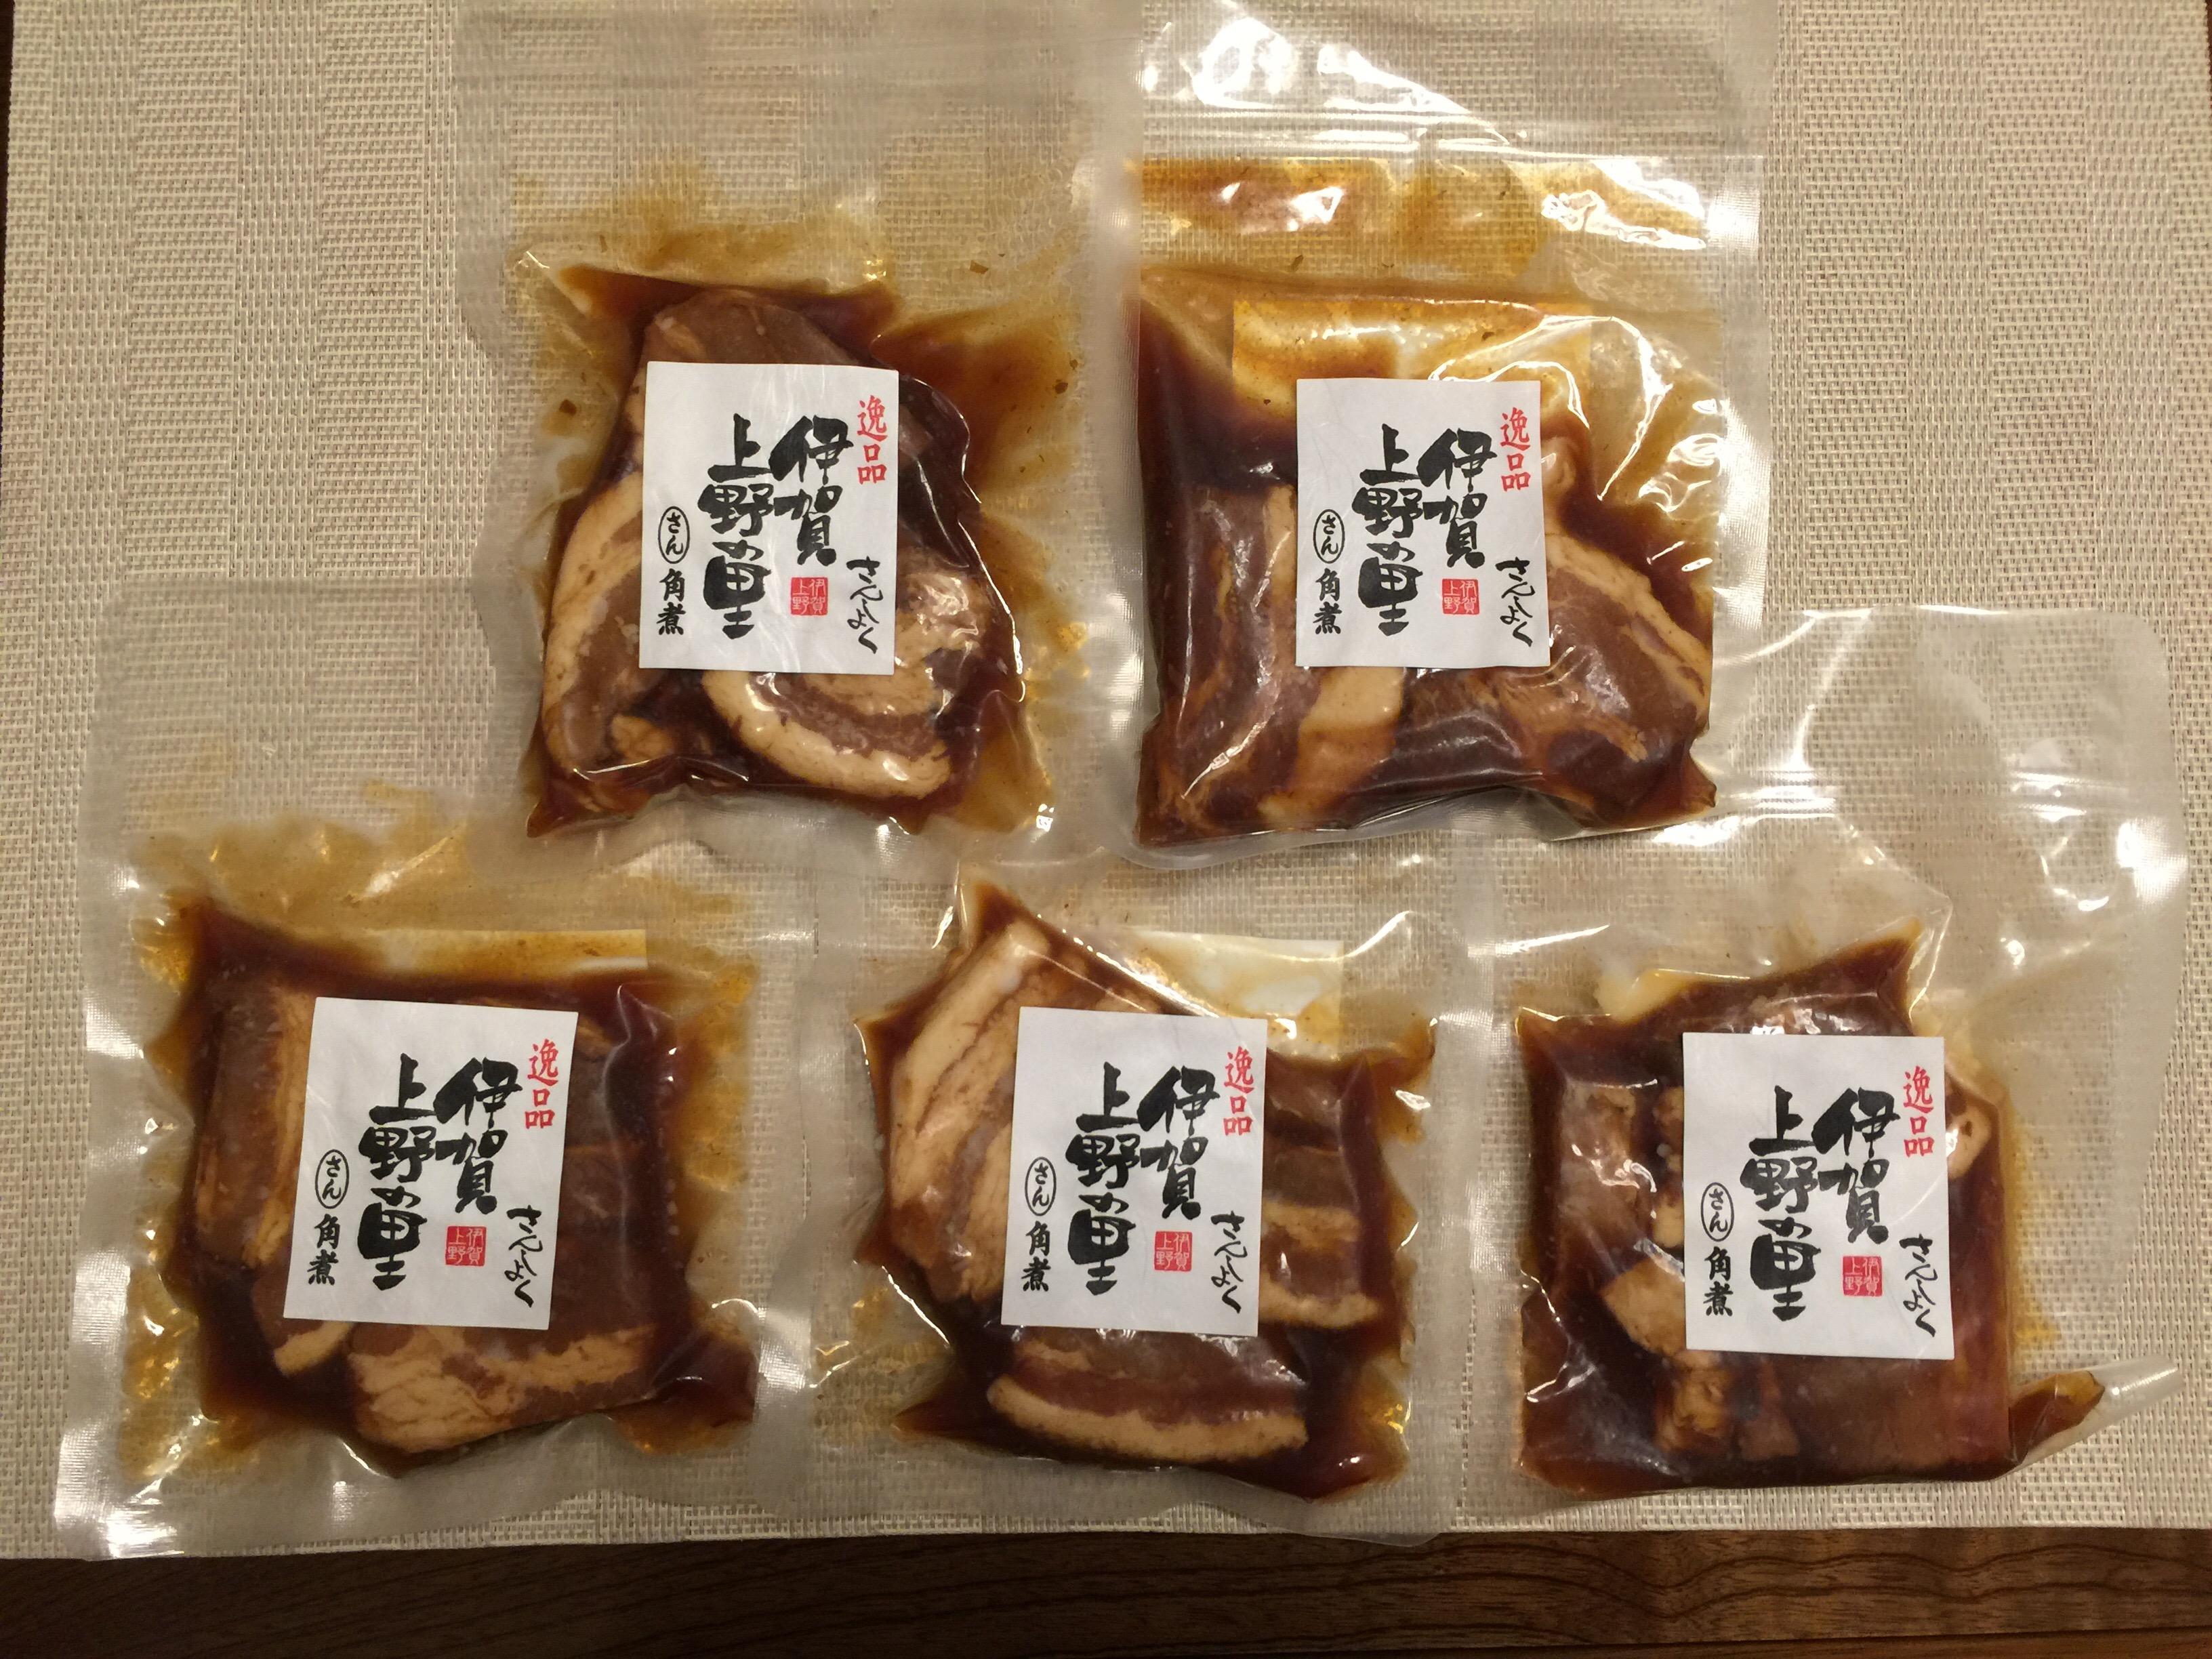 カネ美食品からの株主優待 3,000円相当の「セレクトグルメ配達便」